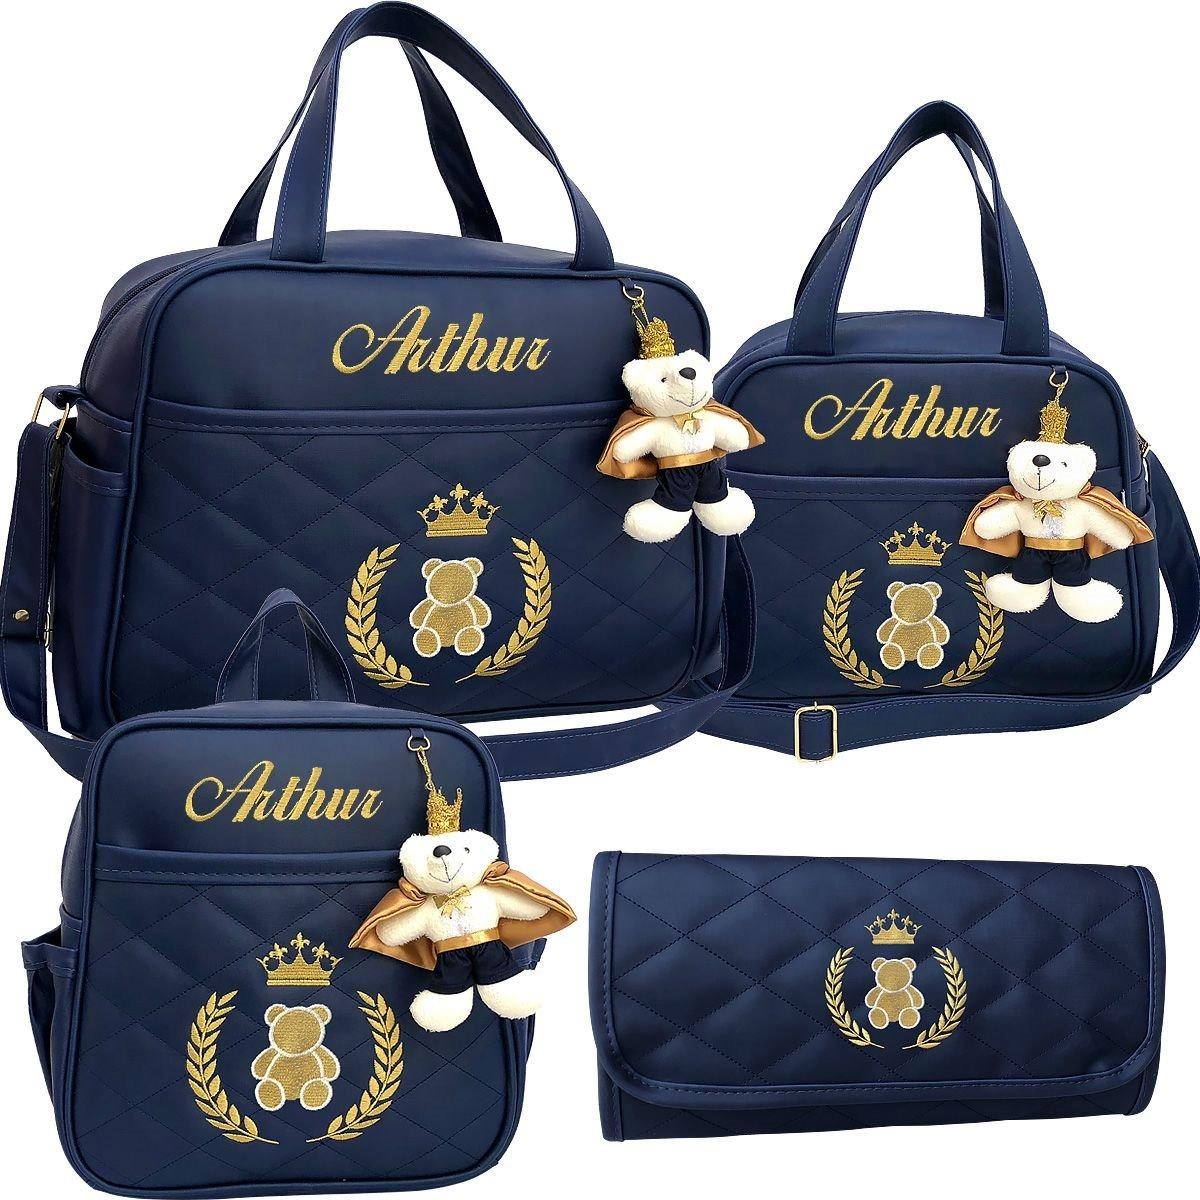 5ce585932 kit bolsa maternidade + mochila luxo, personalizadas 4 peças. Carregando  zoom.